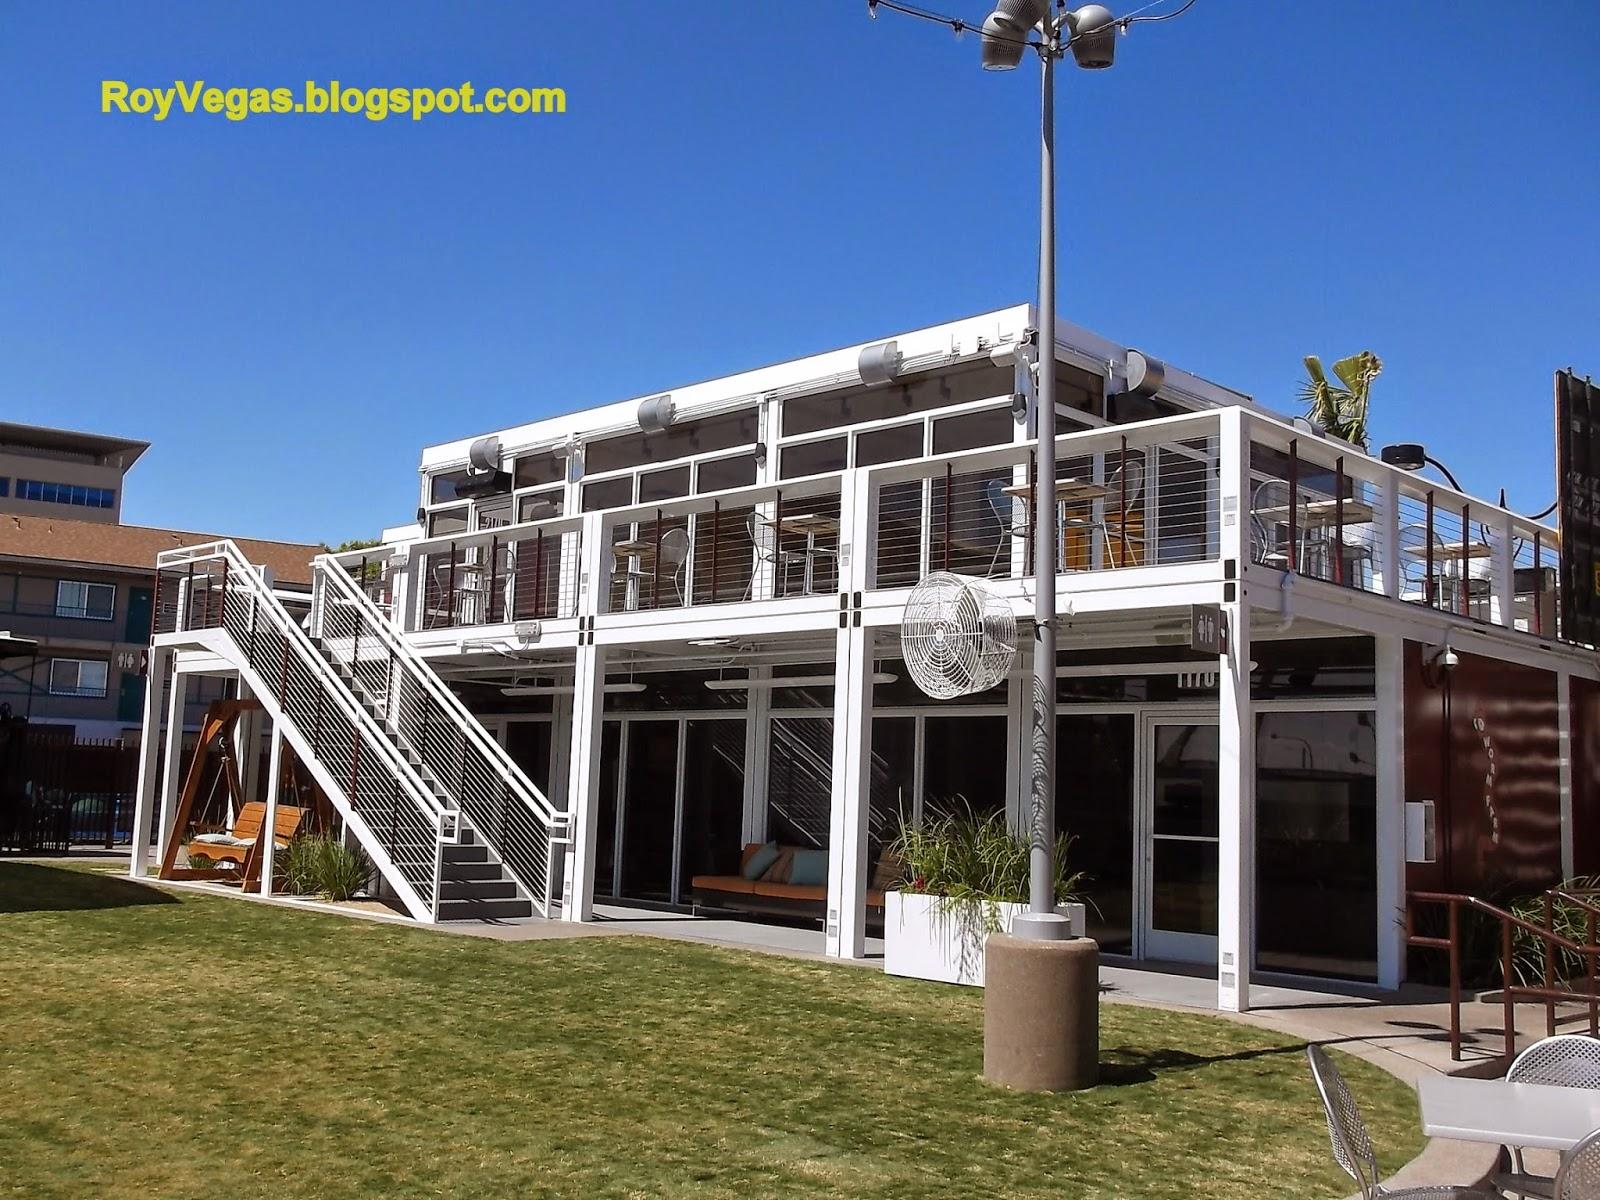 Roy vegas downtown container park las vegas nv - Container homes las vegas ...